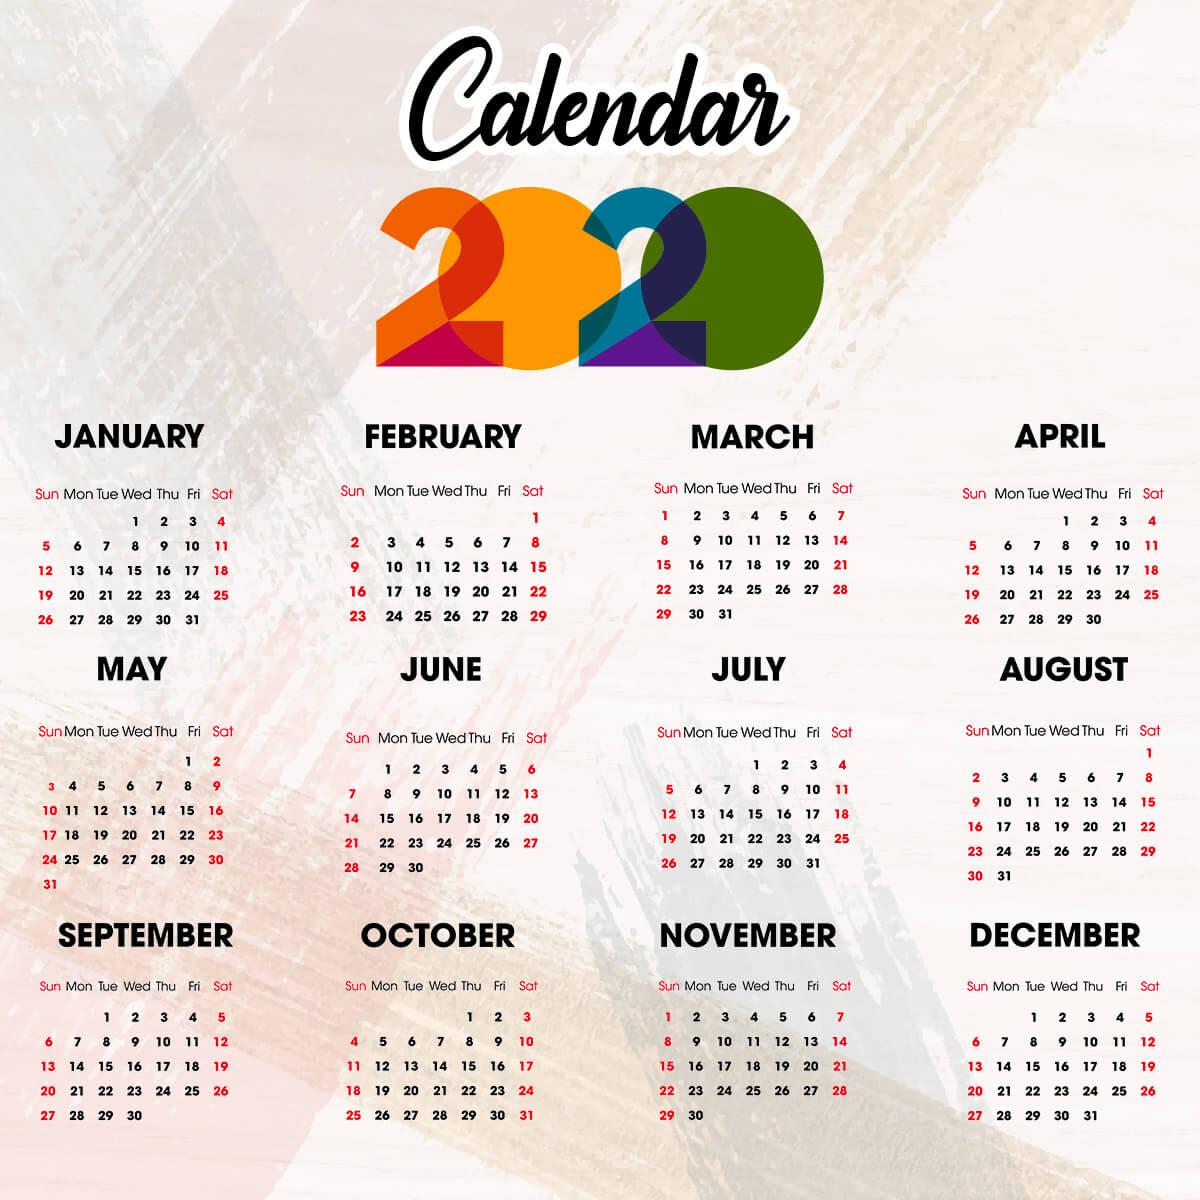 Calendarul Zilelor Libere In 2020 | Ziarul Profit